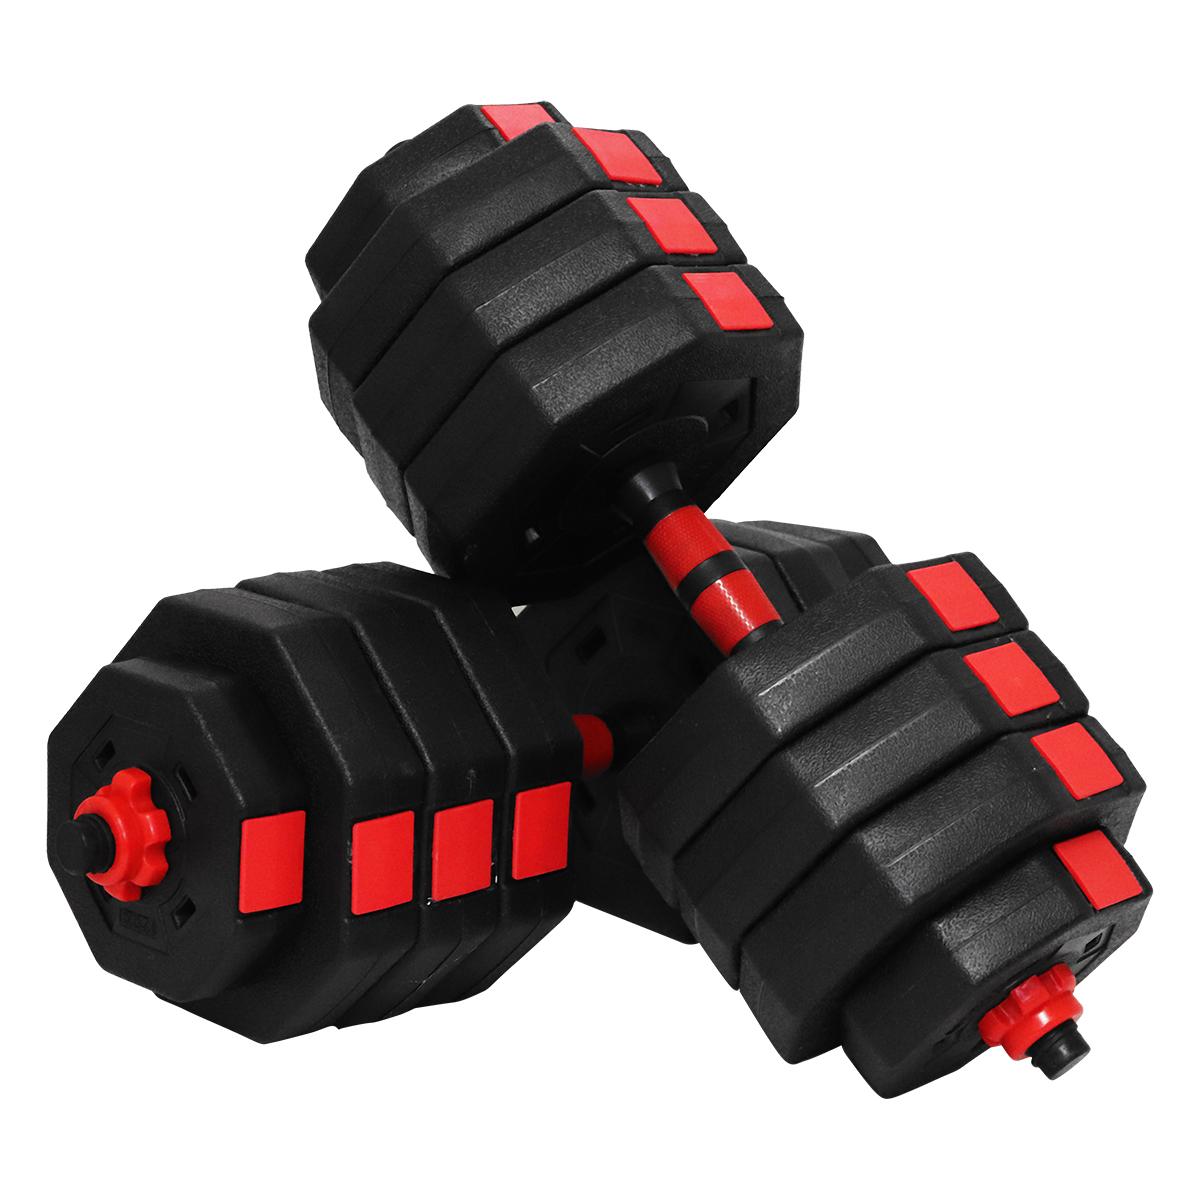 Zestaw hantli modułowych Octagonal – 40 kg